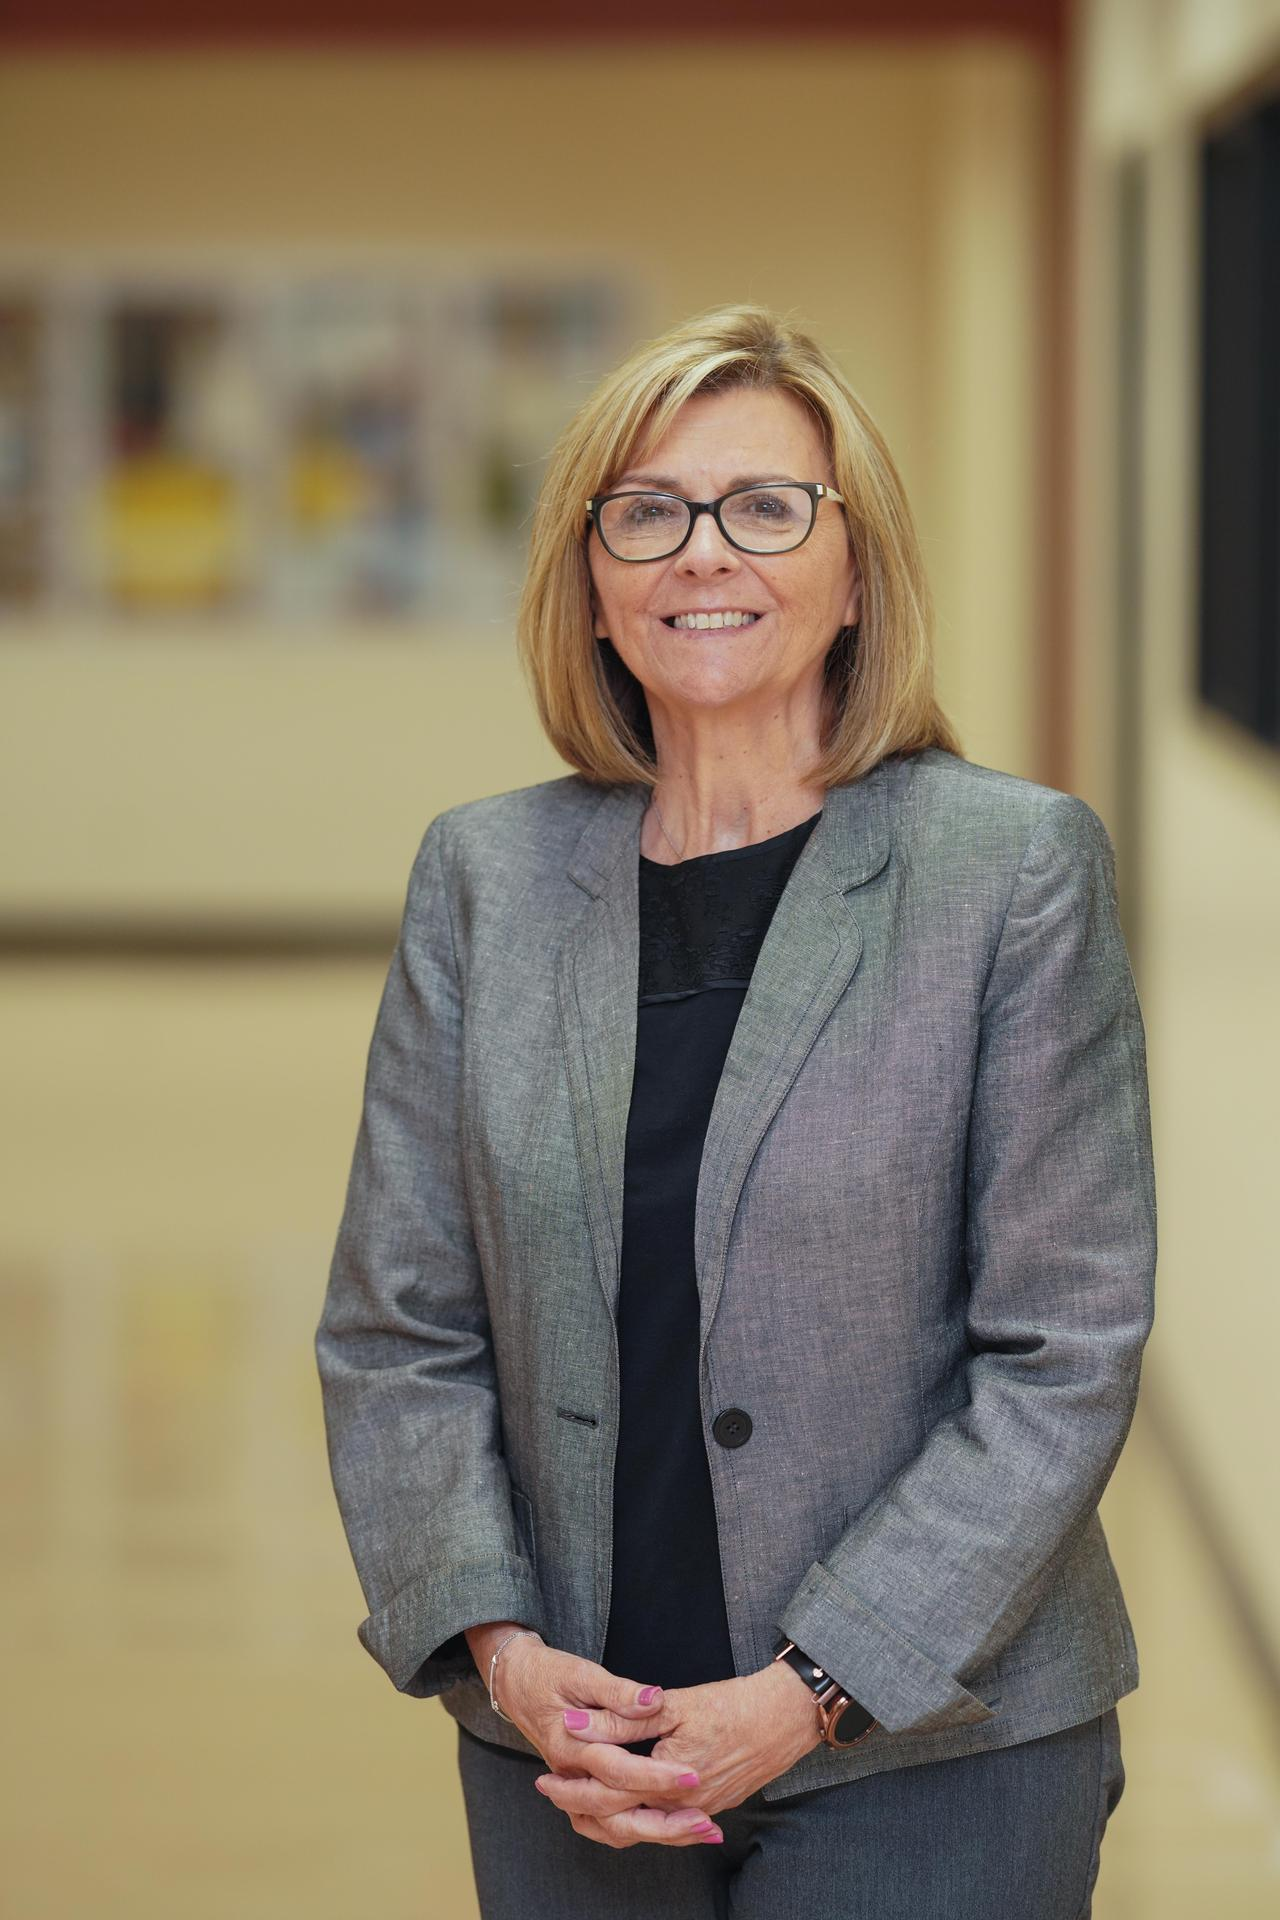 Pam Davenport south city academy principal